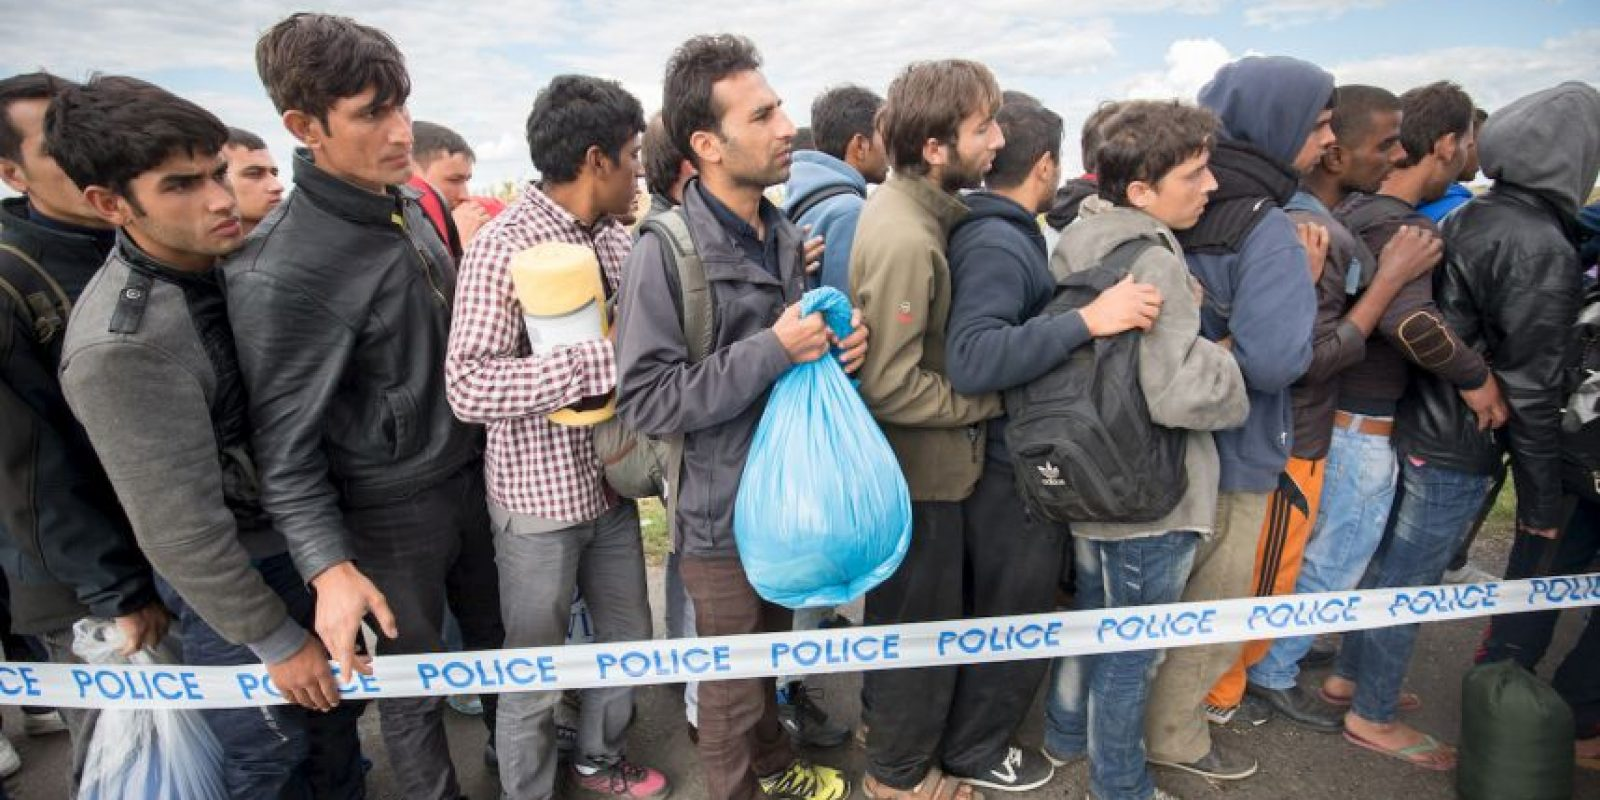 Miles de migrantes y refugiados han llegado a Europa este año. Foto:Getty Images